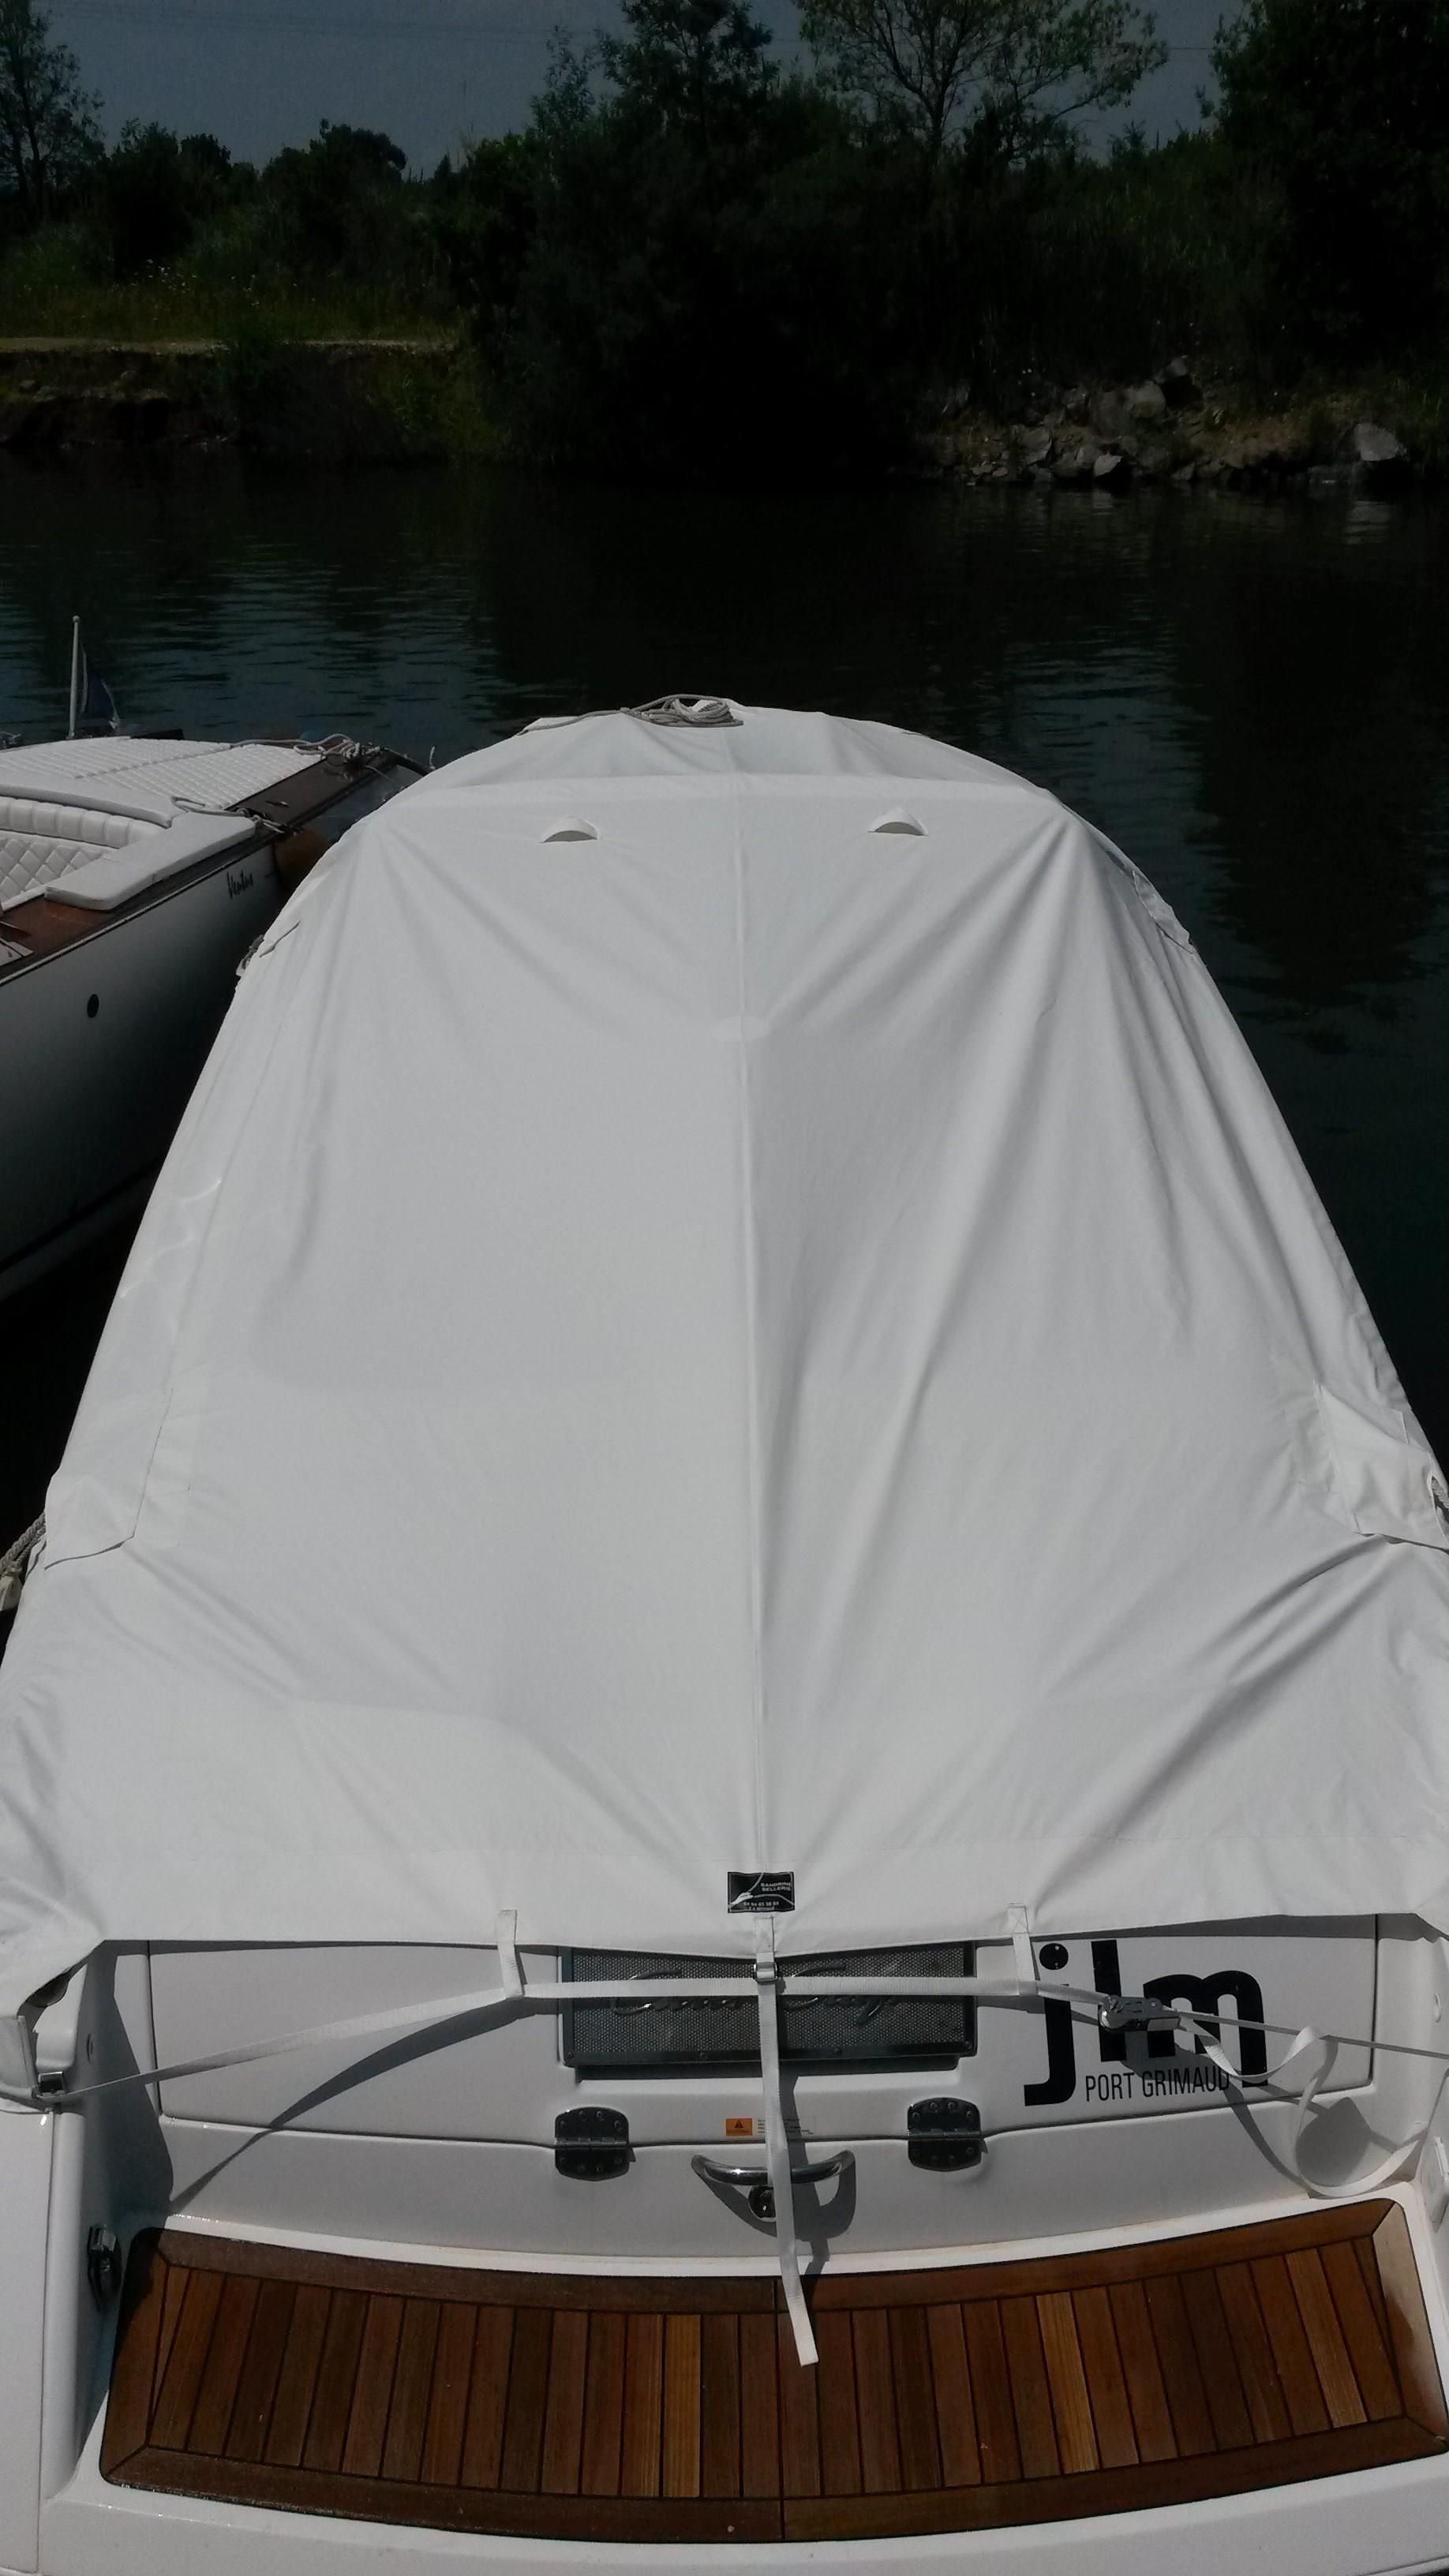 b che et taud d 39 hivernage achat sellerie bateau ext rieur st tropez var. Black Bedroom Furniture Sets. Home Design Ideas